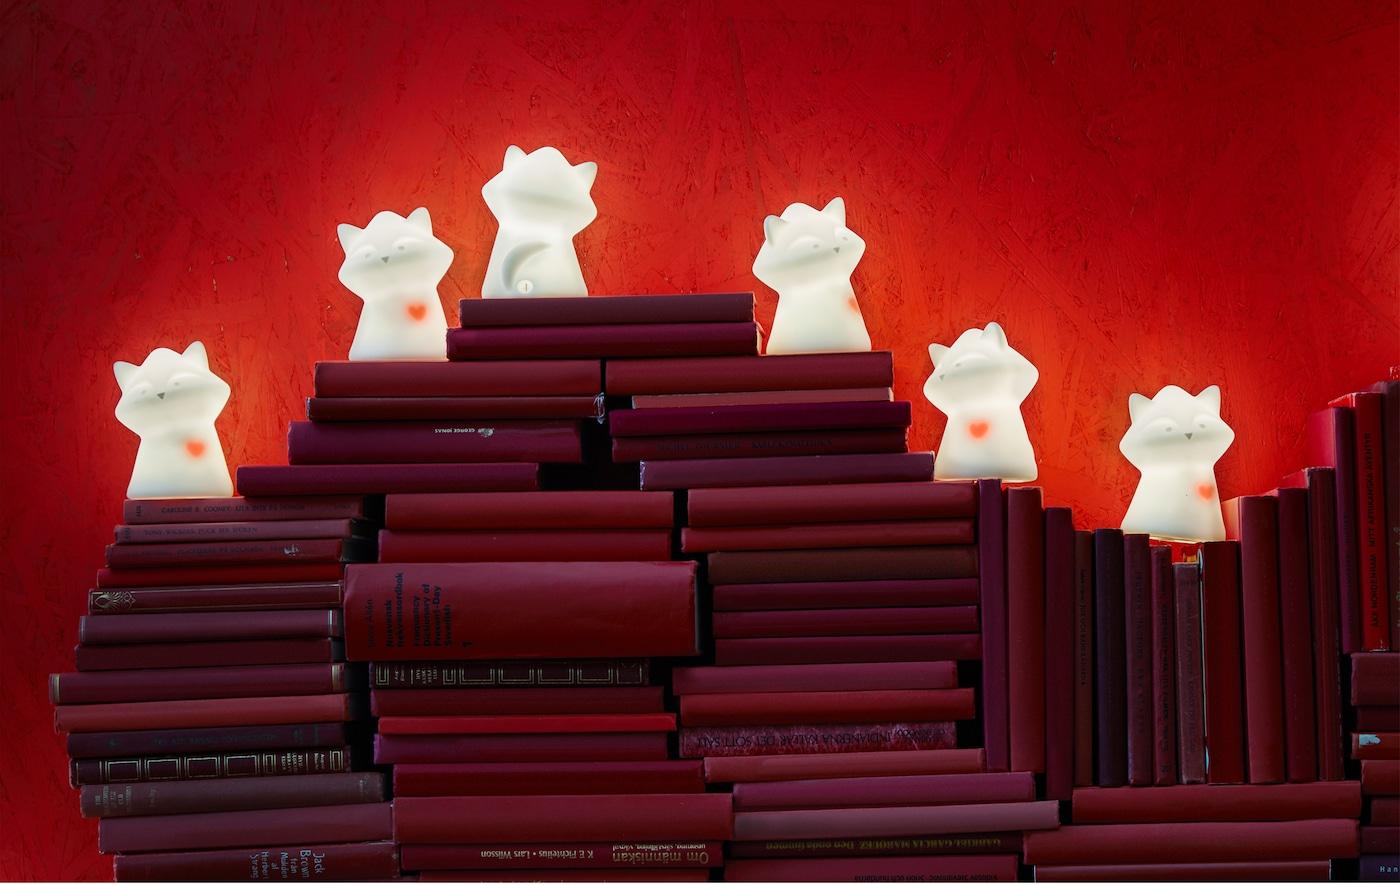 يمكن للضوء الليلي مثل الراكون LURIGA من ايكيا أن يطرد الوحوش وينشر الأمان. يوجد به أيضًا قلب أحمر نابض، مما يجعل منه طريقة جميلة للتعبير عن مشاعرك لمن تُحب. بإمكانك وضع كتب حمراء فوق بعضها على شكل قلب ووضع الكثير من LURIGA فوقها.